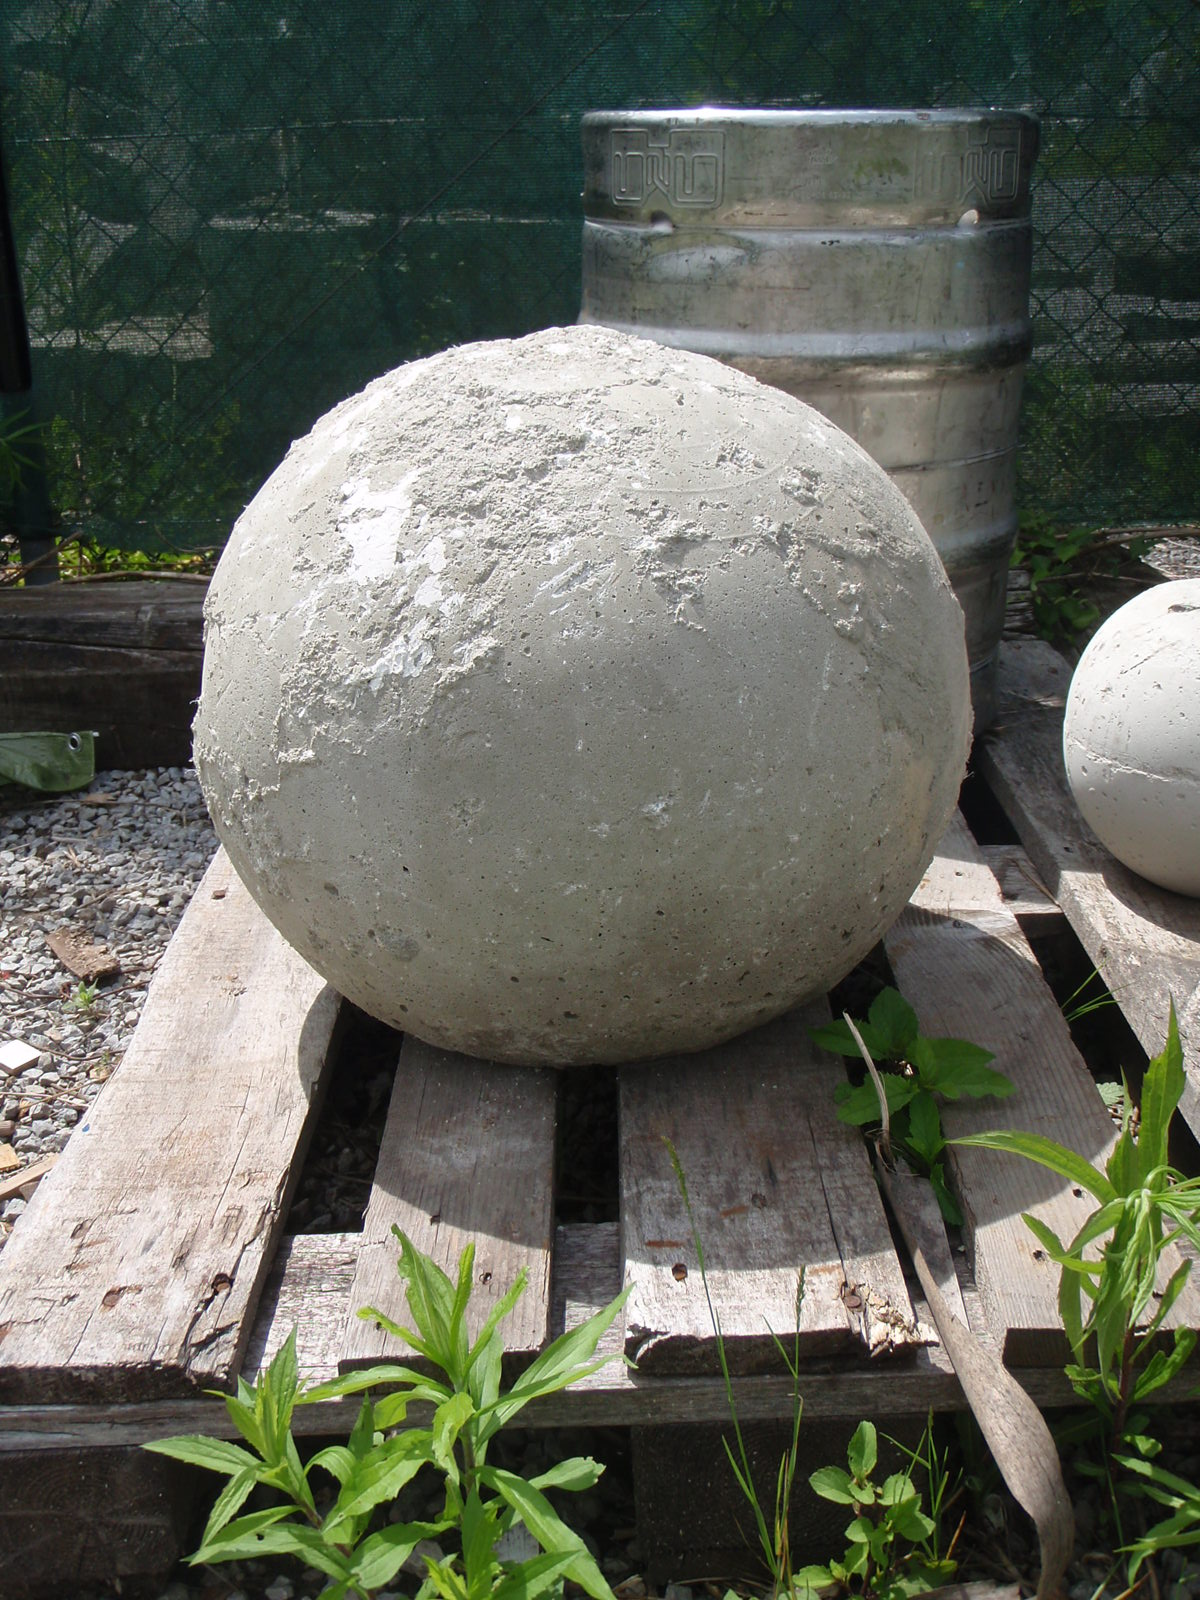 eisen hans deutsch einen atlas stone aus beton gie en. Black Bedroom Furniture Sets. Home Design Ideas